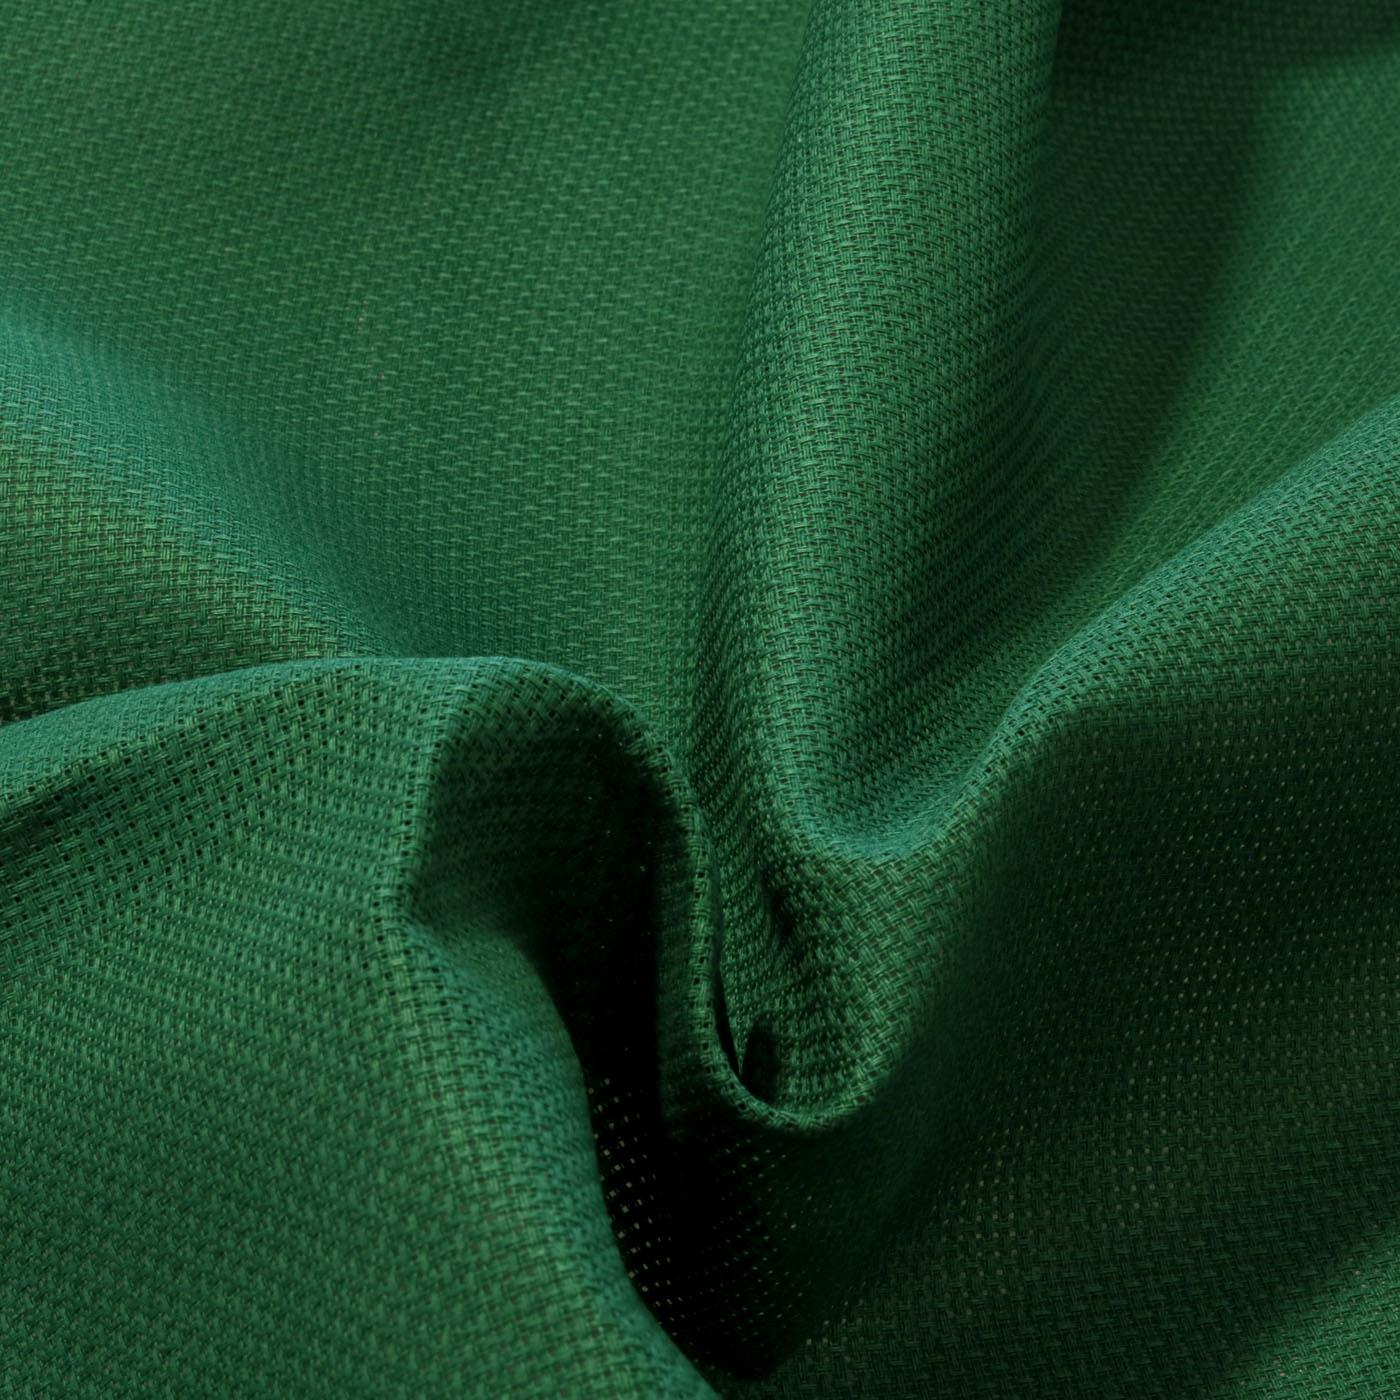 Tecido Etamine 100% Algodão 1,40 m Largura Verde Militar